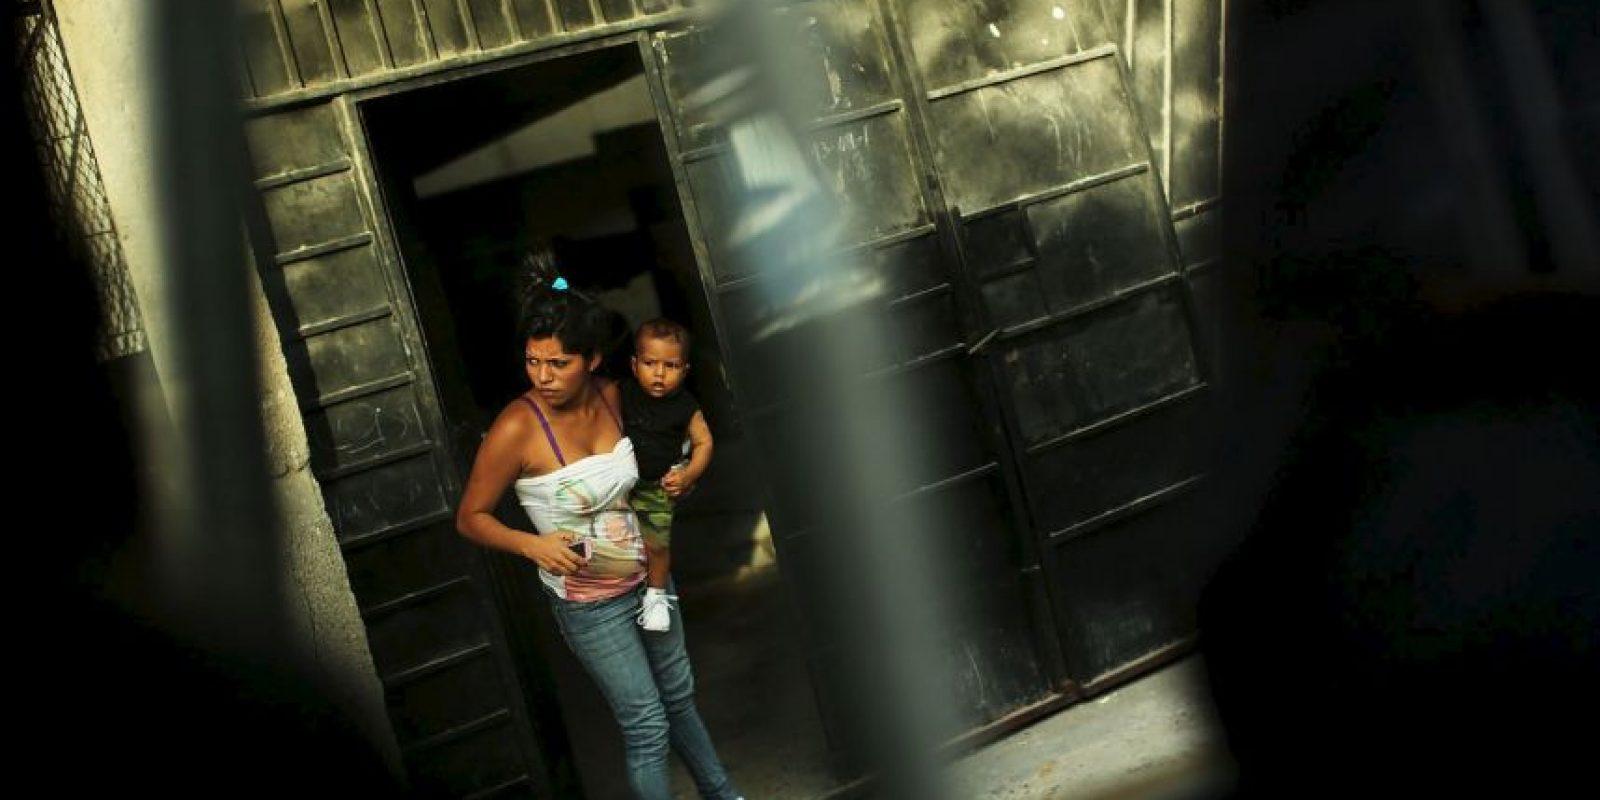 De acuerdo con la ONU, las corrientes transregionales de la trata se detectan principalmente en los países ricos del Oriente Medio, Europa Occidental y América del Norte. Foto:Getty Images